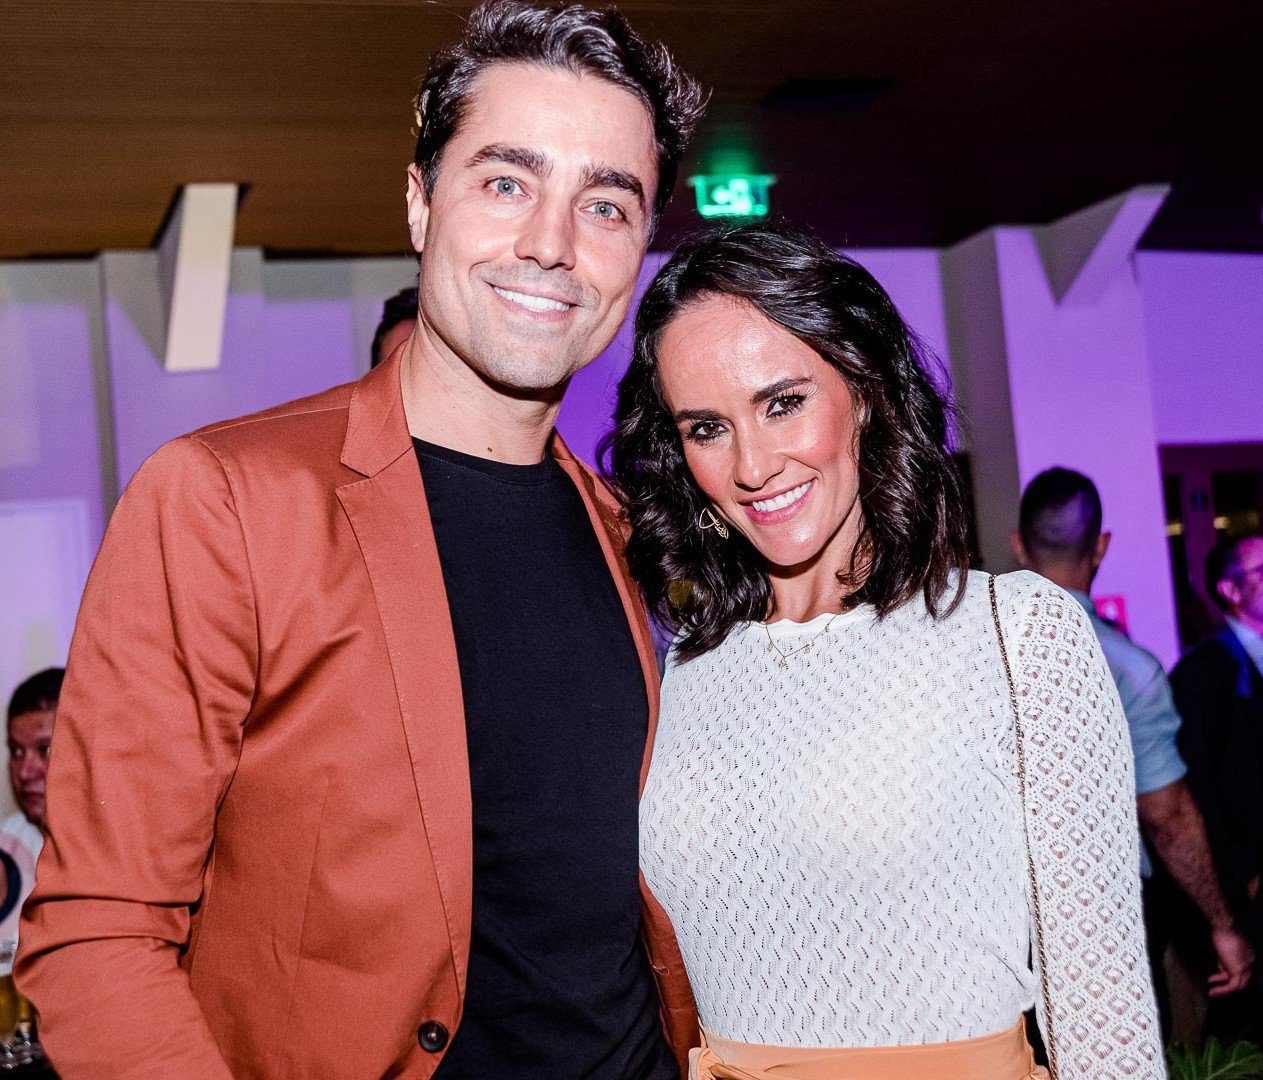 Ricardo Pereira e Francisca Pinto /Foto: Bruno Ryfer